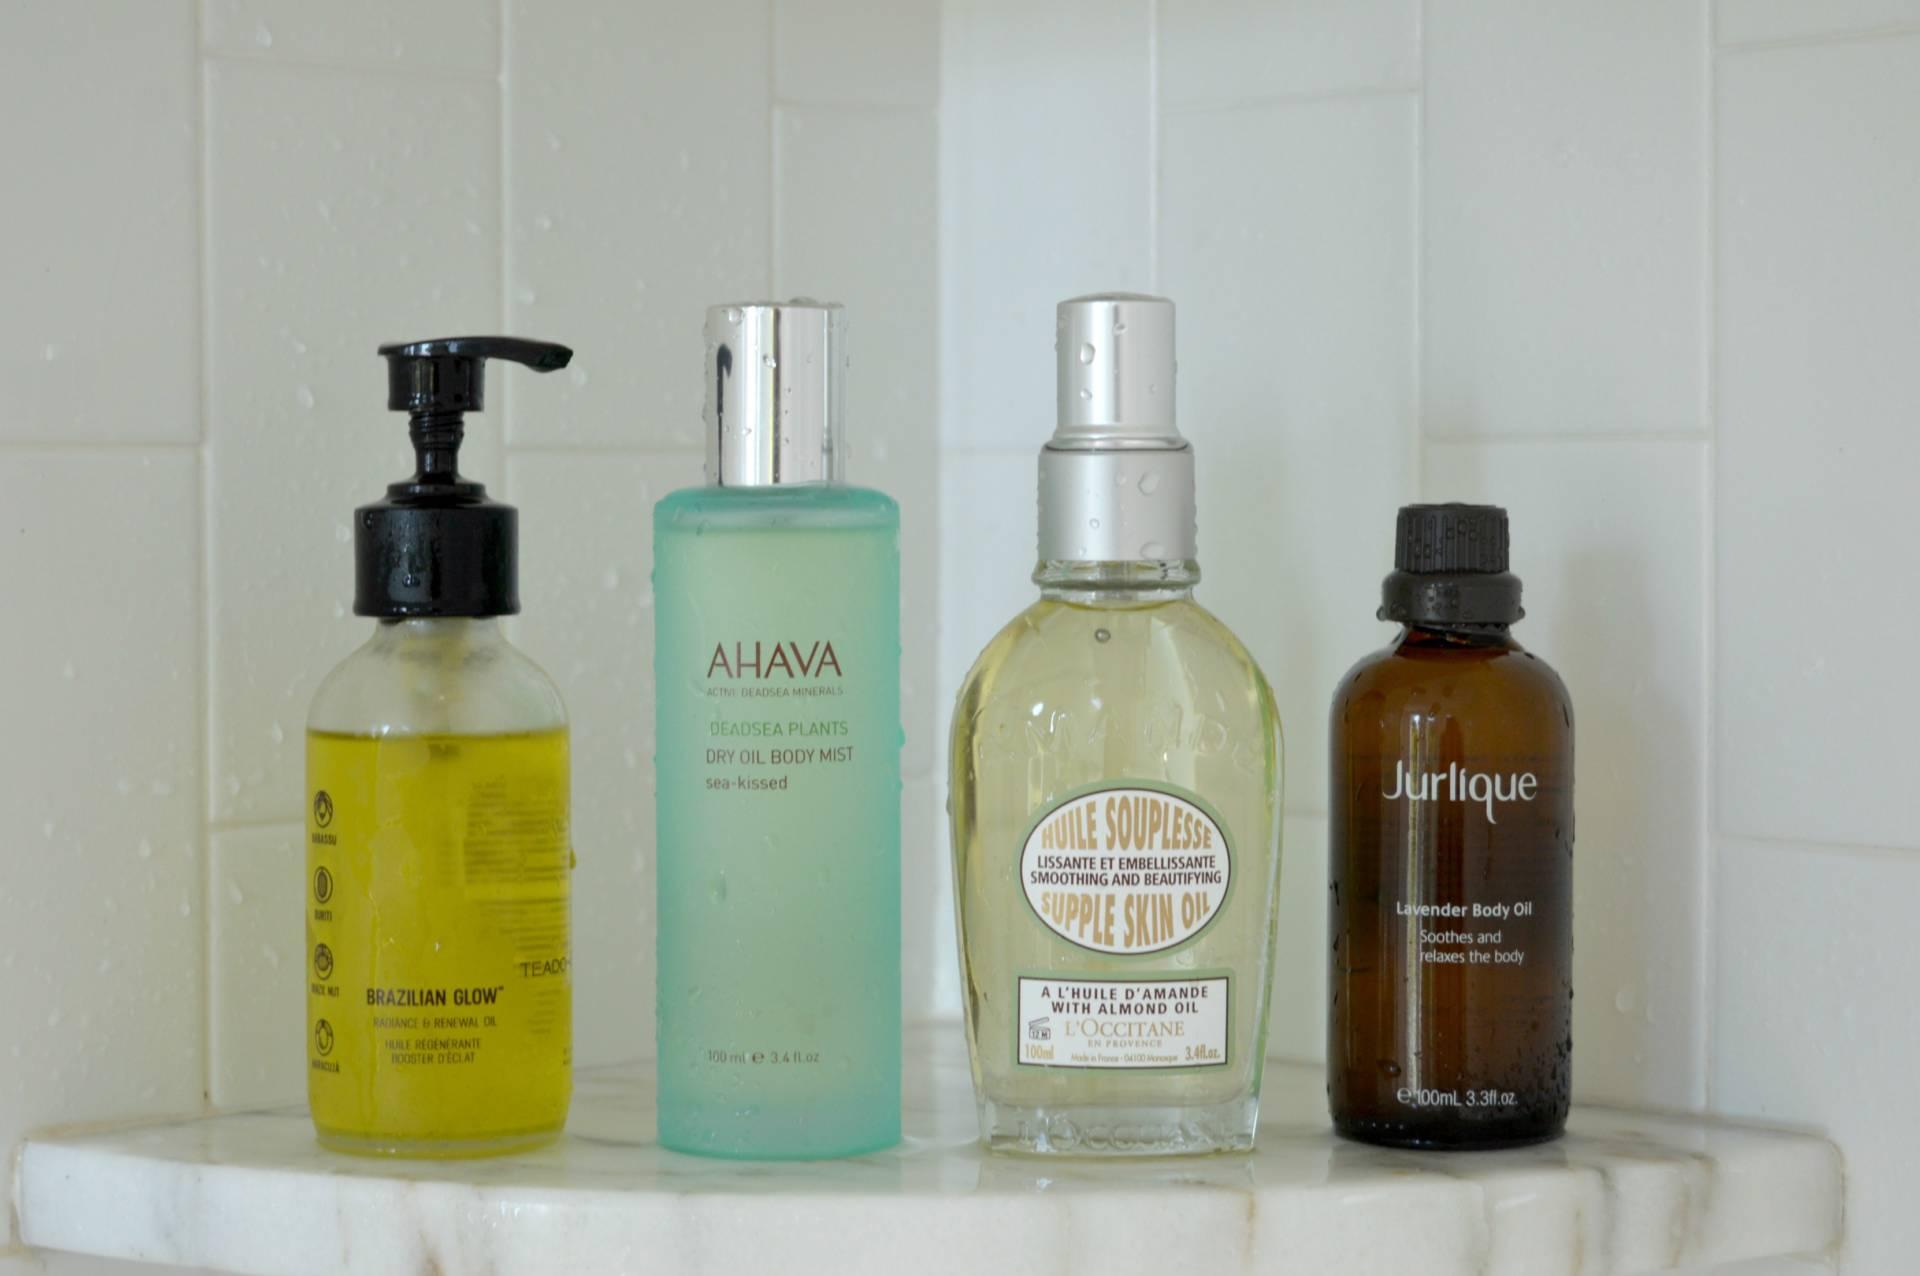 body oil edit inhautepursuit shower bath ahaha teadora loccitane jurlique